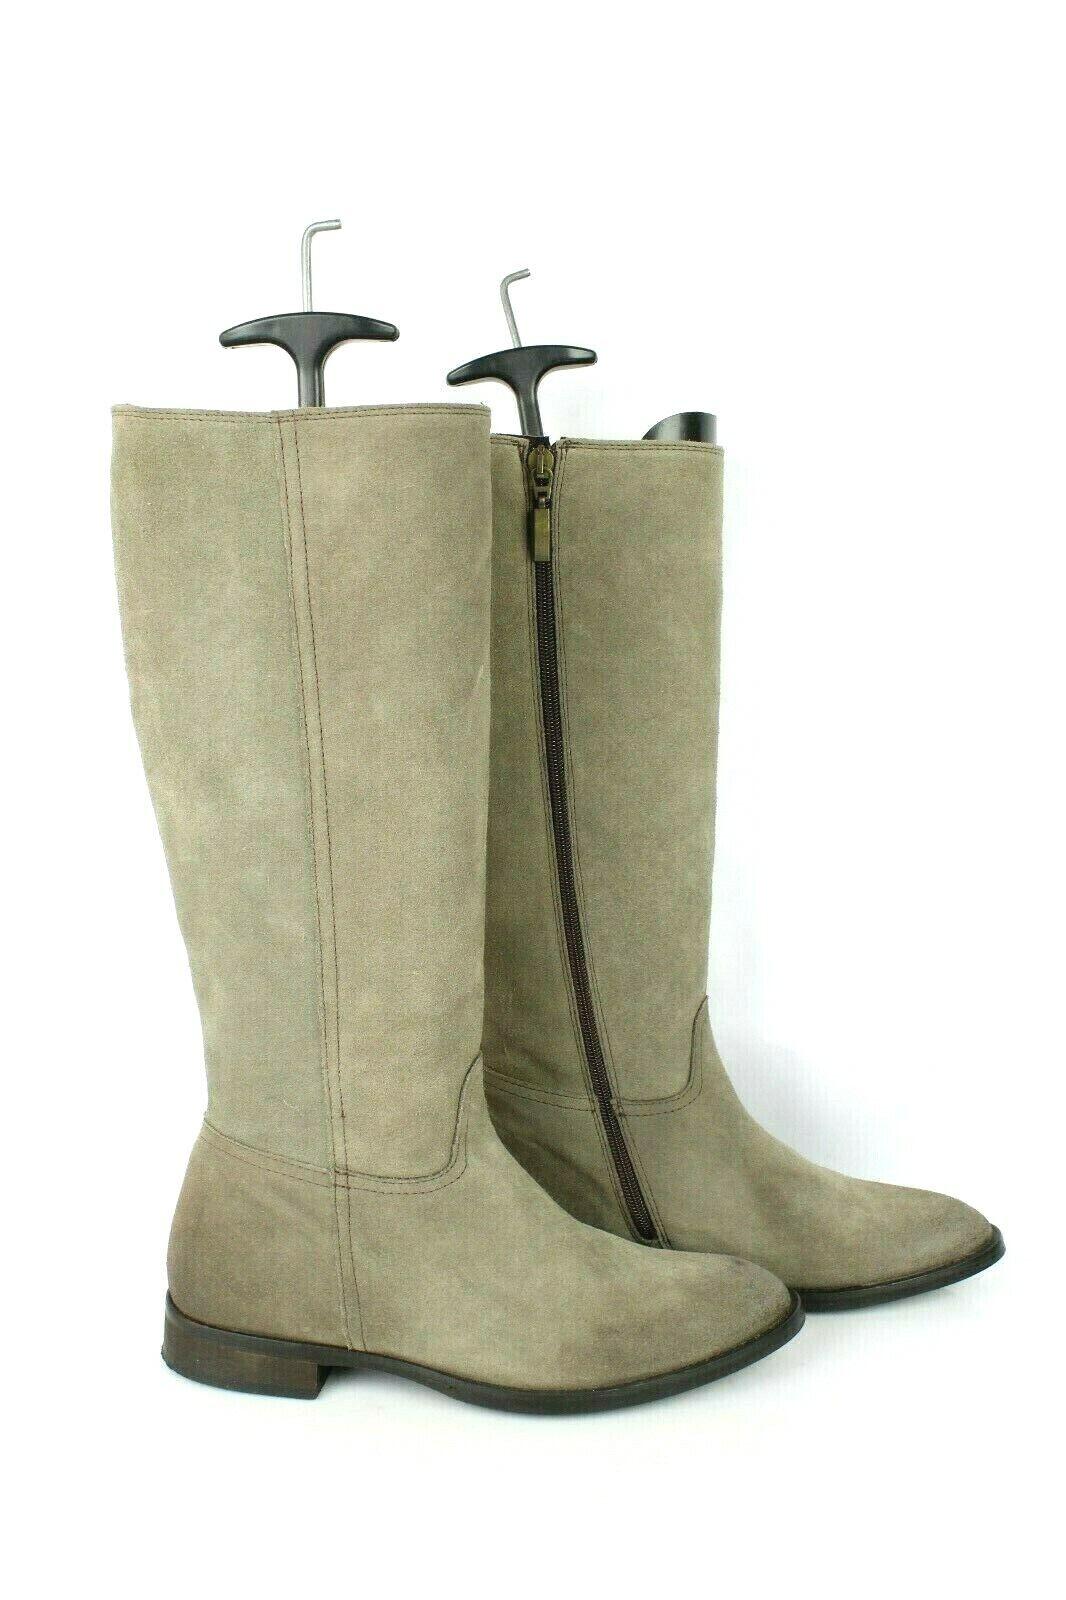 Stiefel Emergence Wildleder Taupe T 37  UK 4 Sehr Guter Zustand